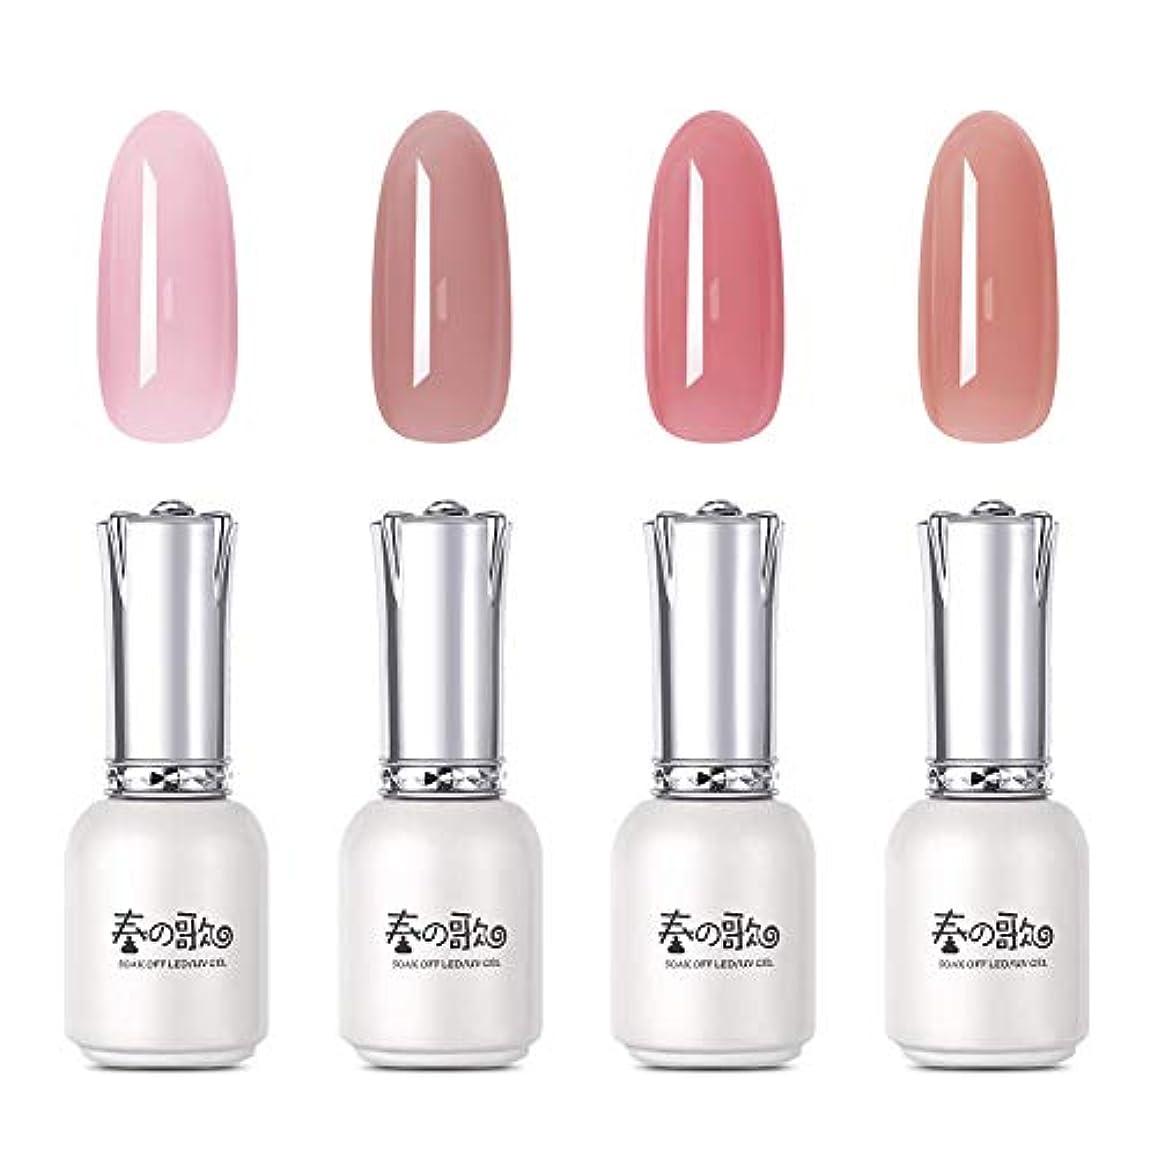 春の歌 ピンクゼリーカラージェル 桜のような 4色セット 春夏ネイル 透明感あり ピンク ヌッド UV/LED対応 12ml ソークオフジェル ジェルネイルアート (SET 1) [並行輸入品]